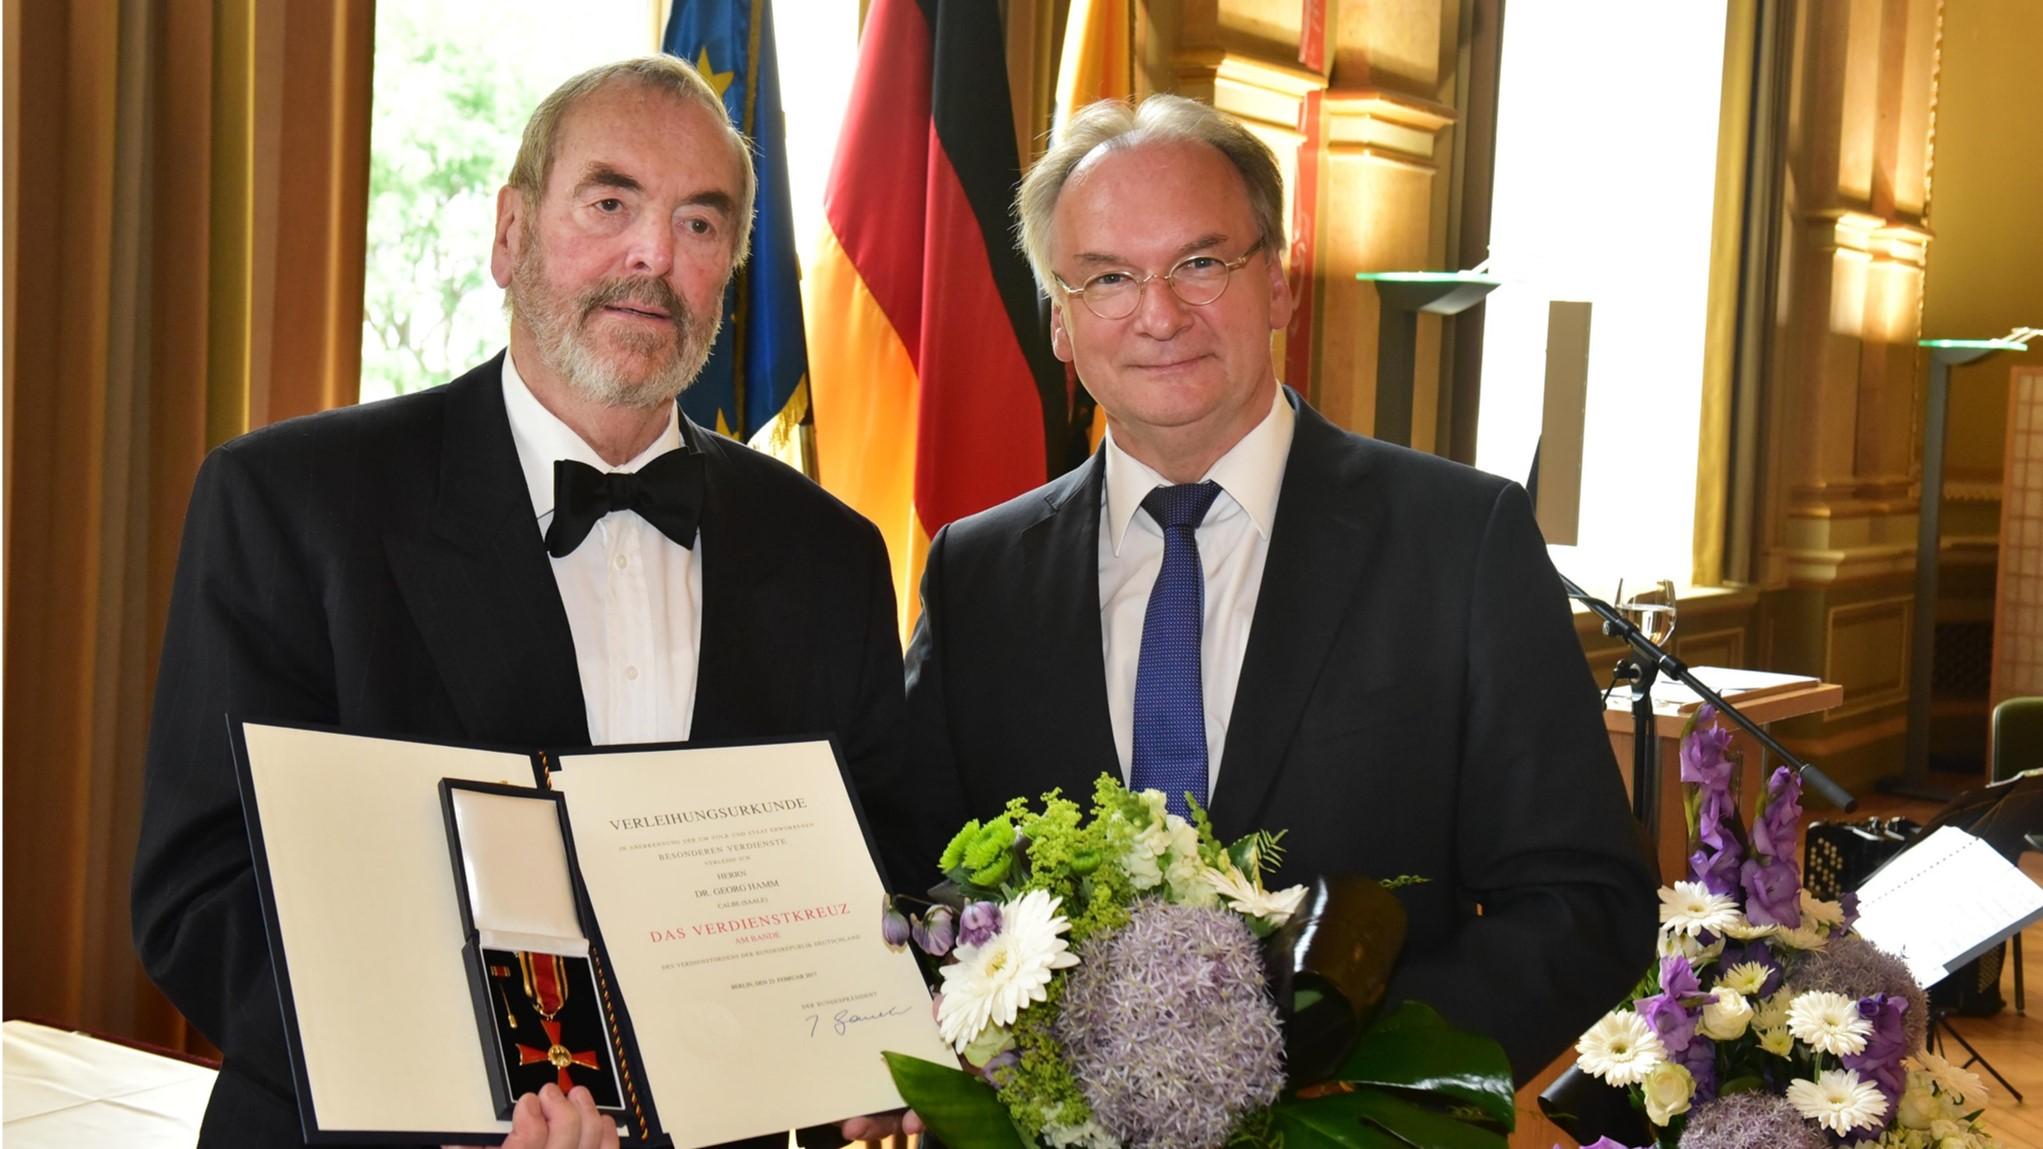 v.l. Übergabe Bundesverdienstkreuz an Dr. Georg Hamm durch Ministerpräsident Dr.  Reiner Haseloff